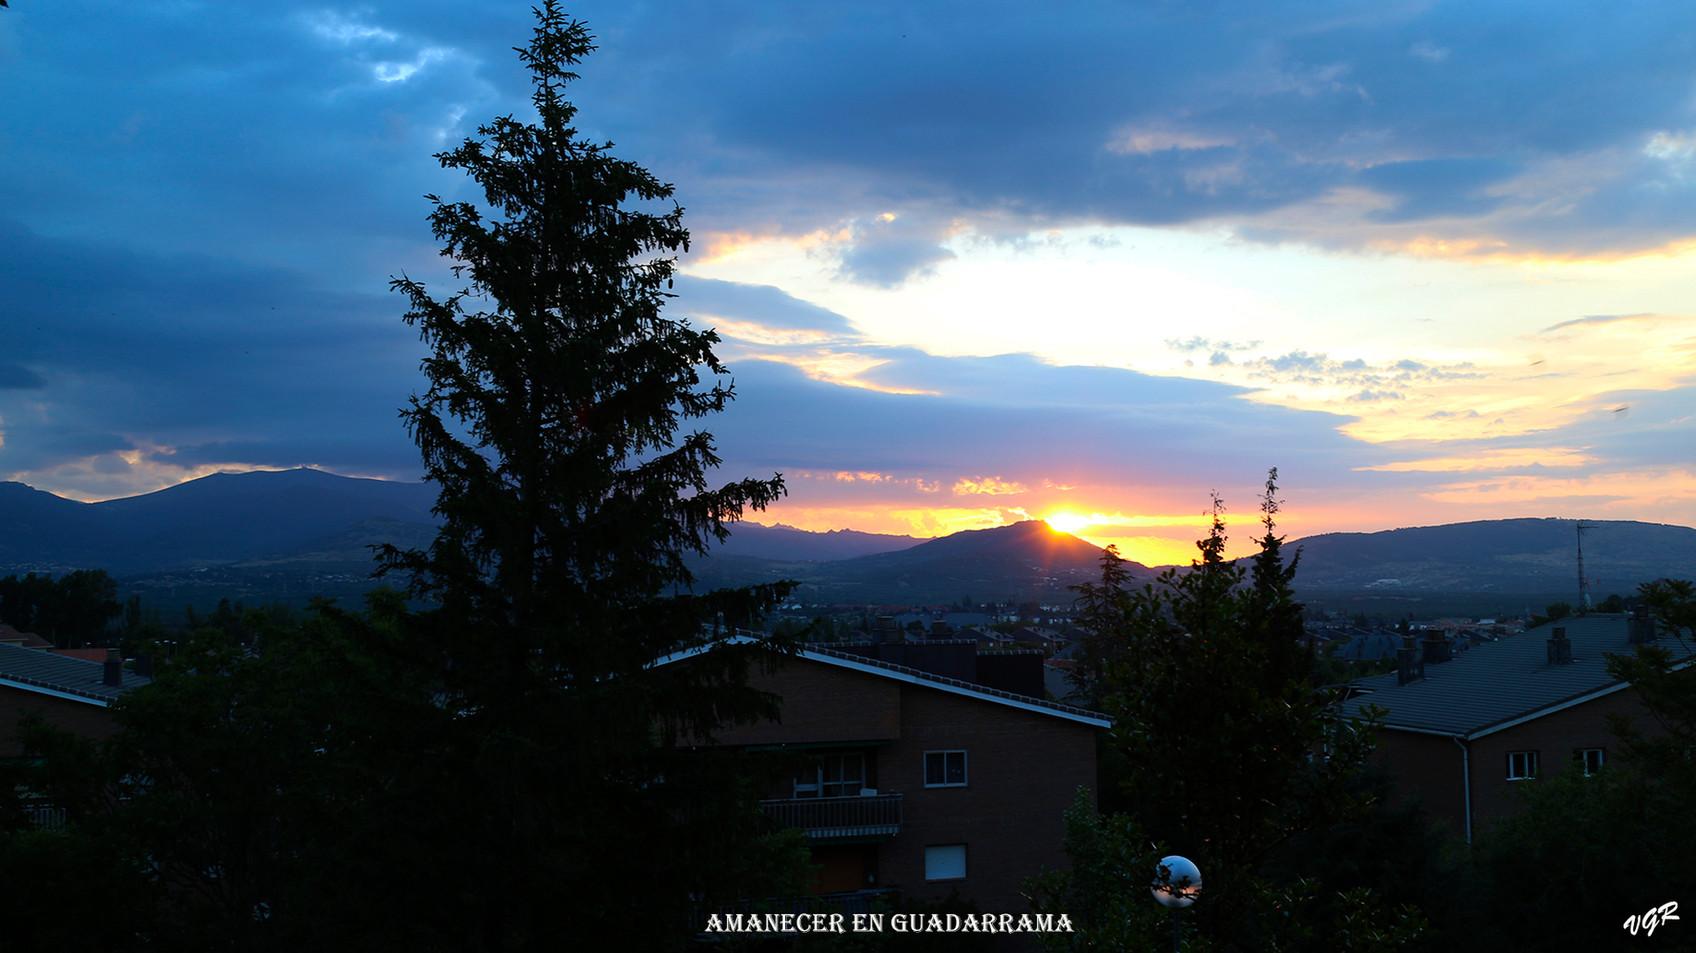 Amanecer-Guadarrama-1-WEB.jpg